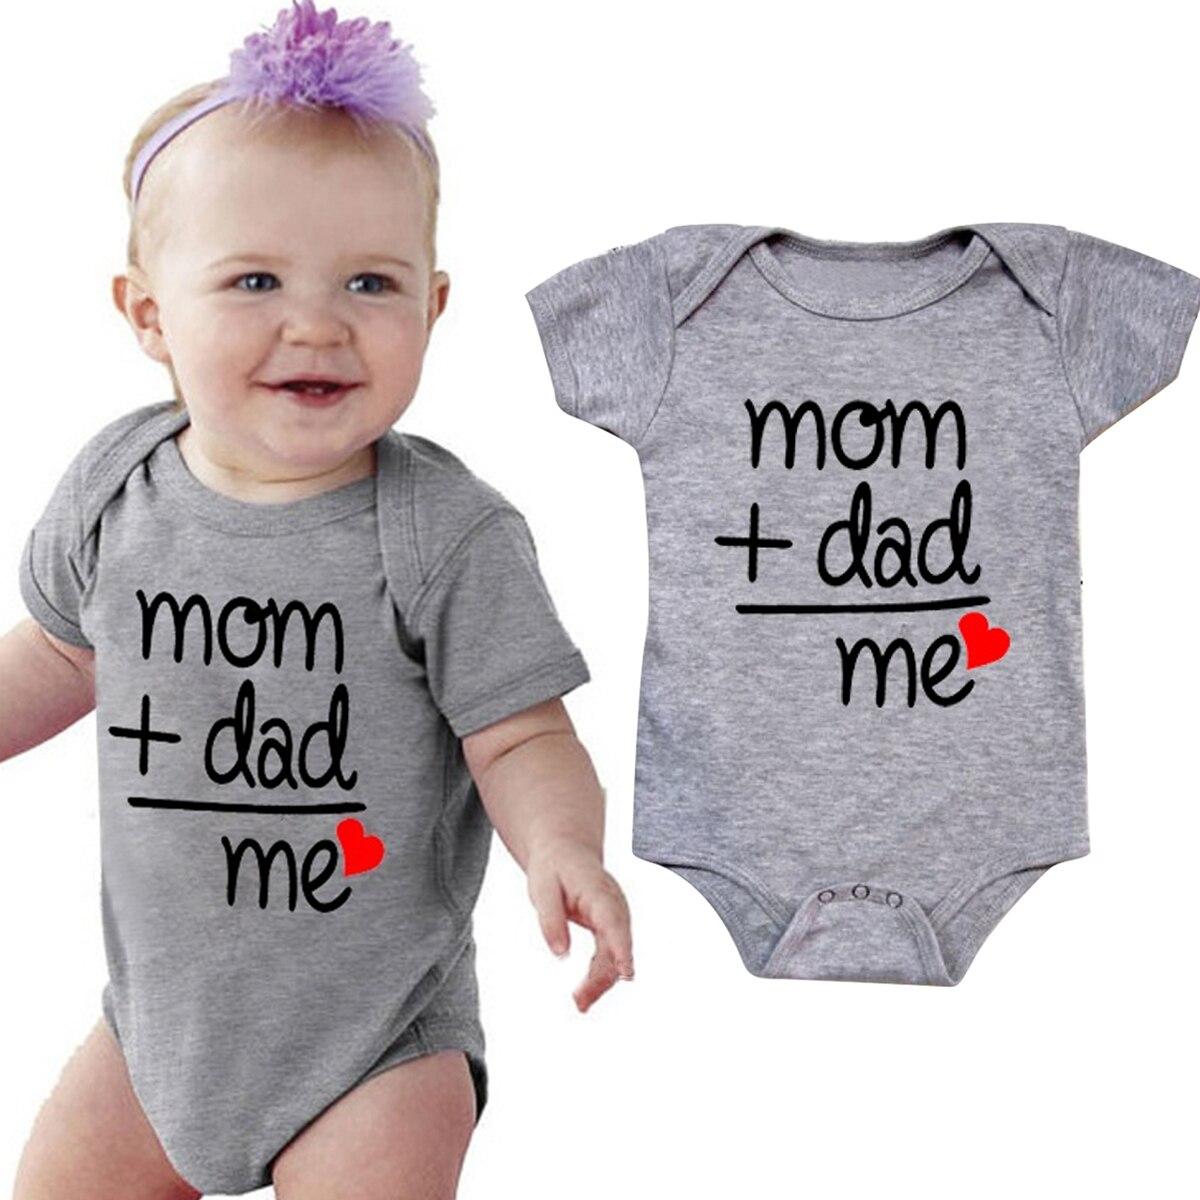 Newborn Infant Short Sleeve Baby Kids Girl Boy Letter Print Romper Jumpsuit Cotton Cute Sunsuit Clothes 0-24 Months